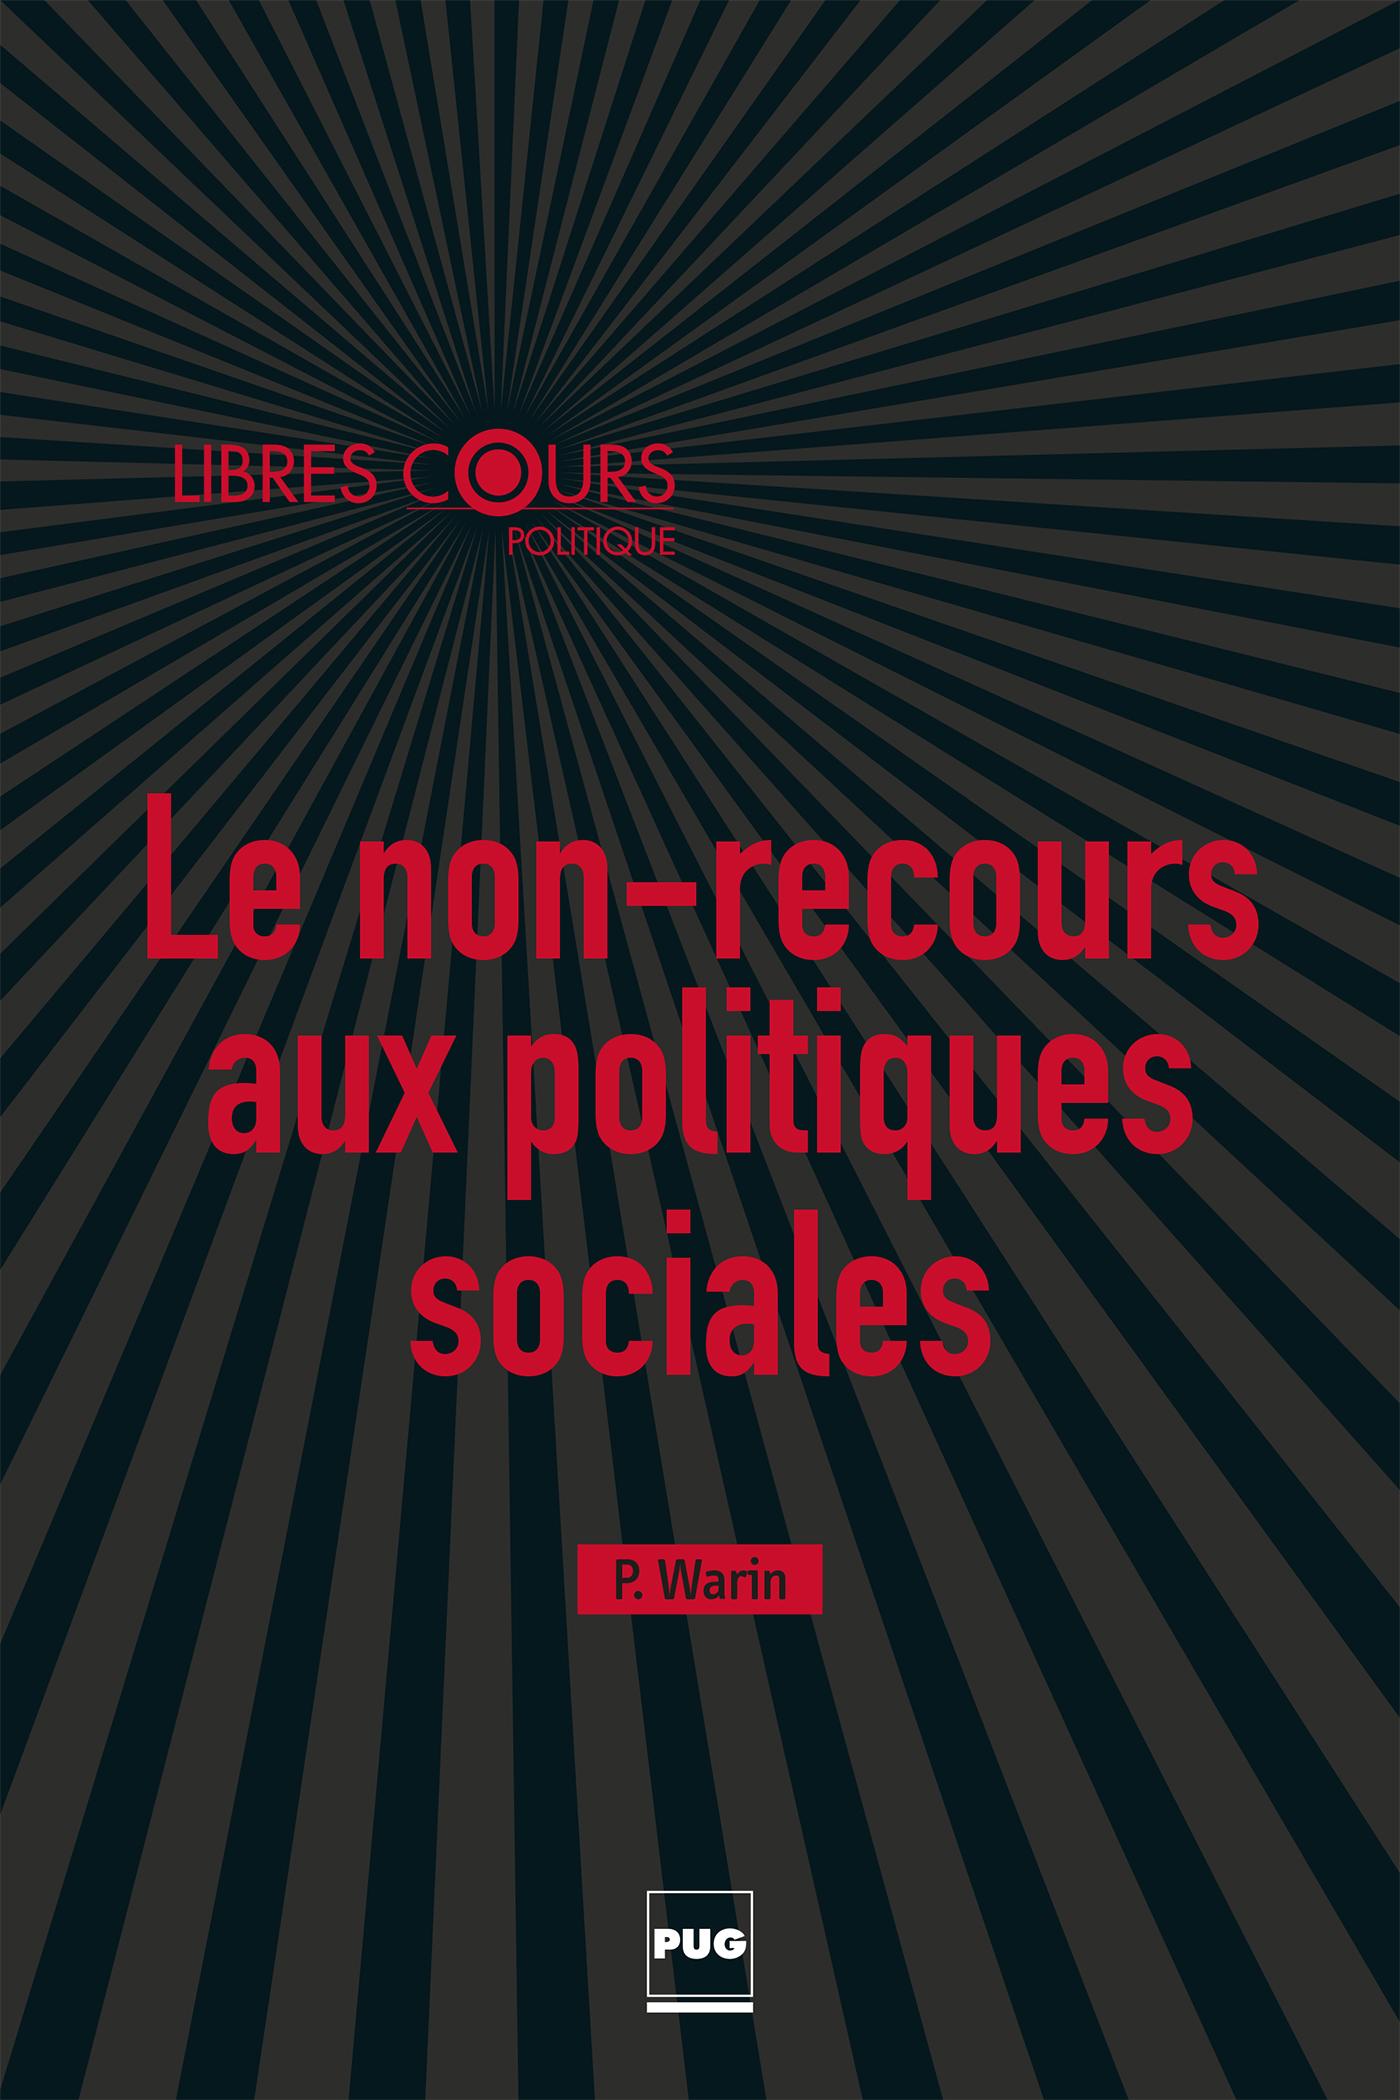 le_non-recours_aux_politiques_sociales_cv1400